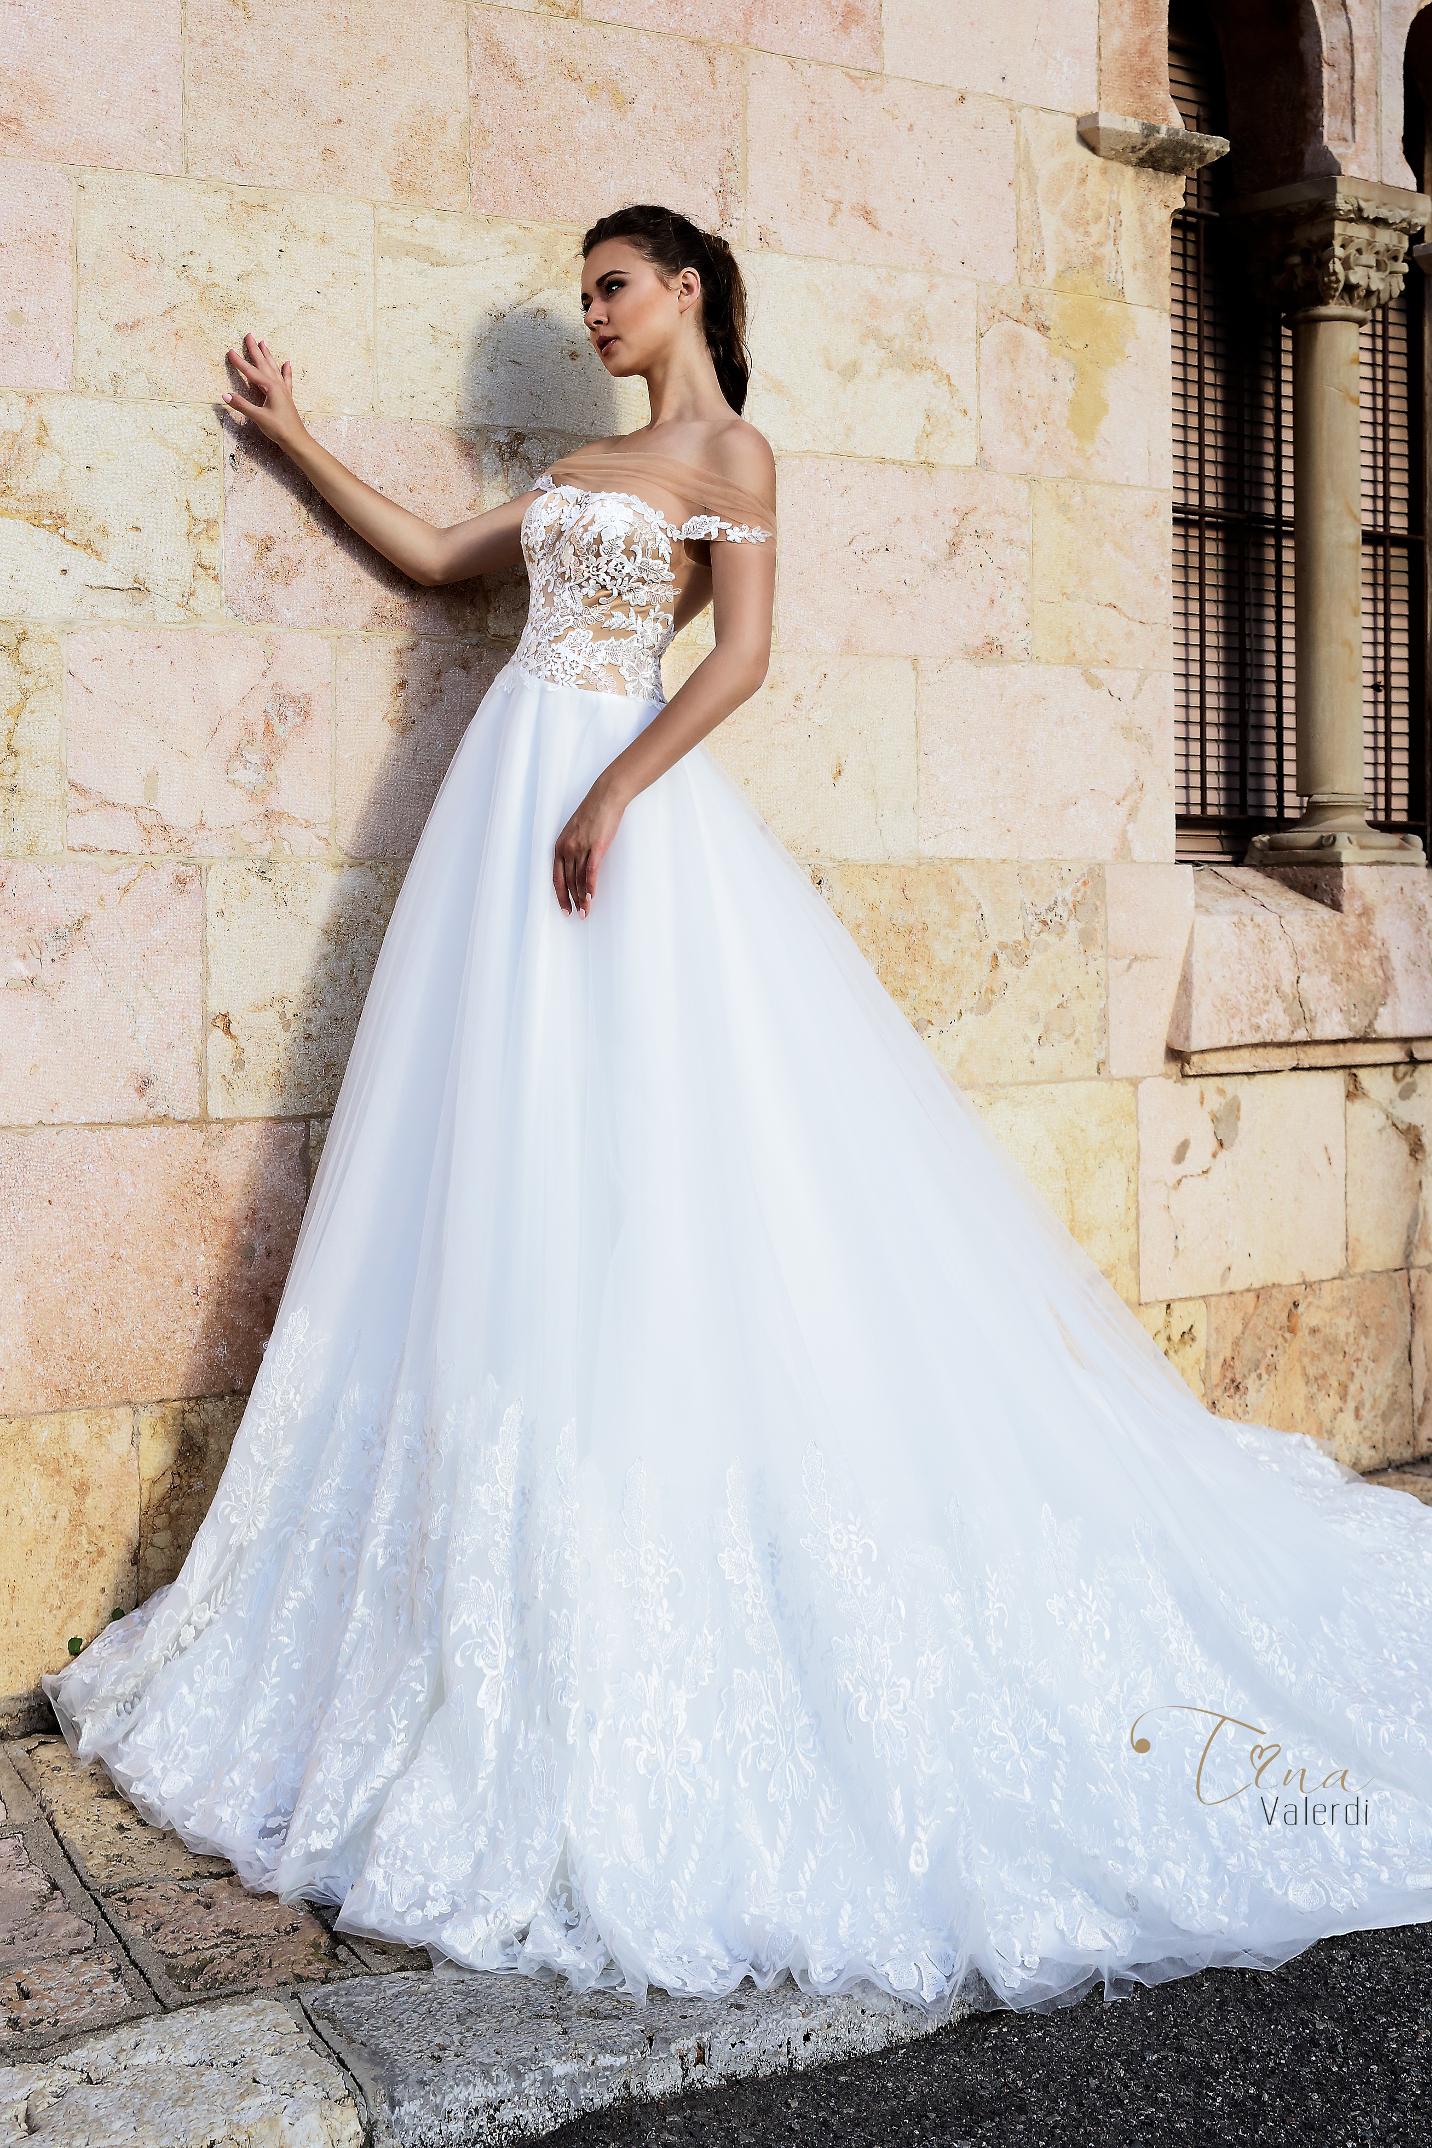 vestuvines-sukneles-tina-valerdi-Abigail5